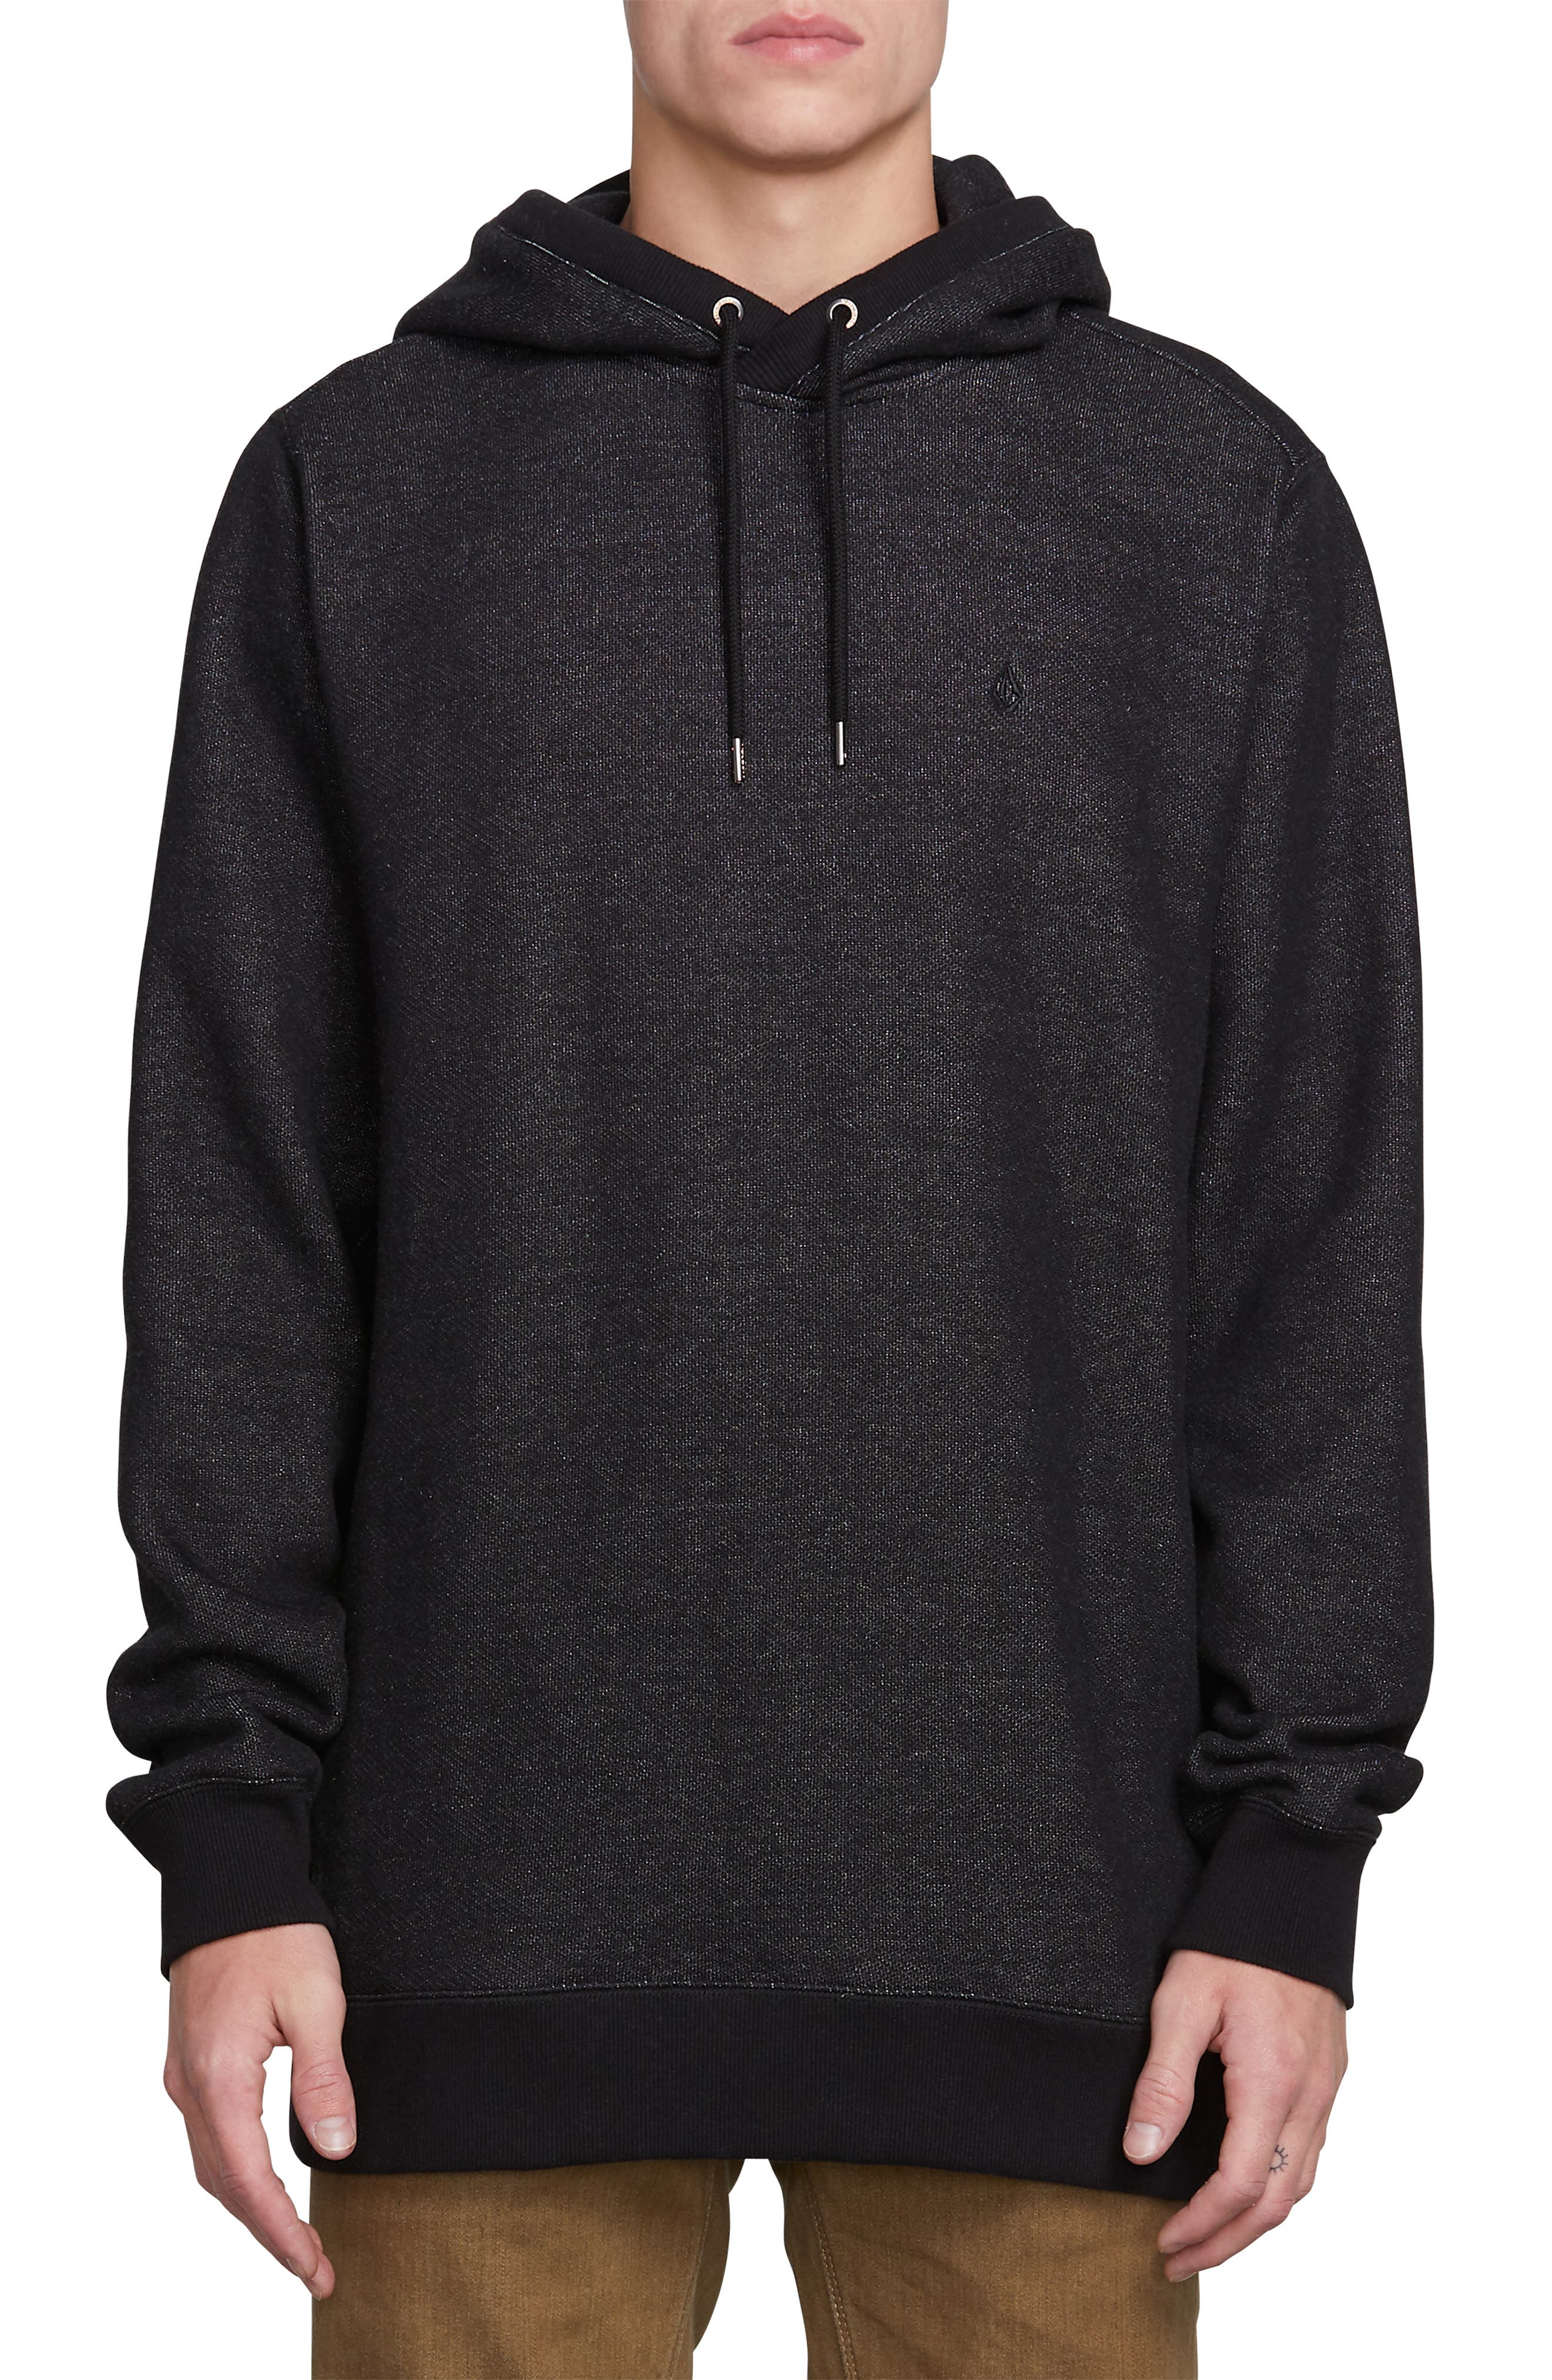 Coder Hoodie Sweatshirt,                             Main thumbnail 1, color,                             BLACK